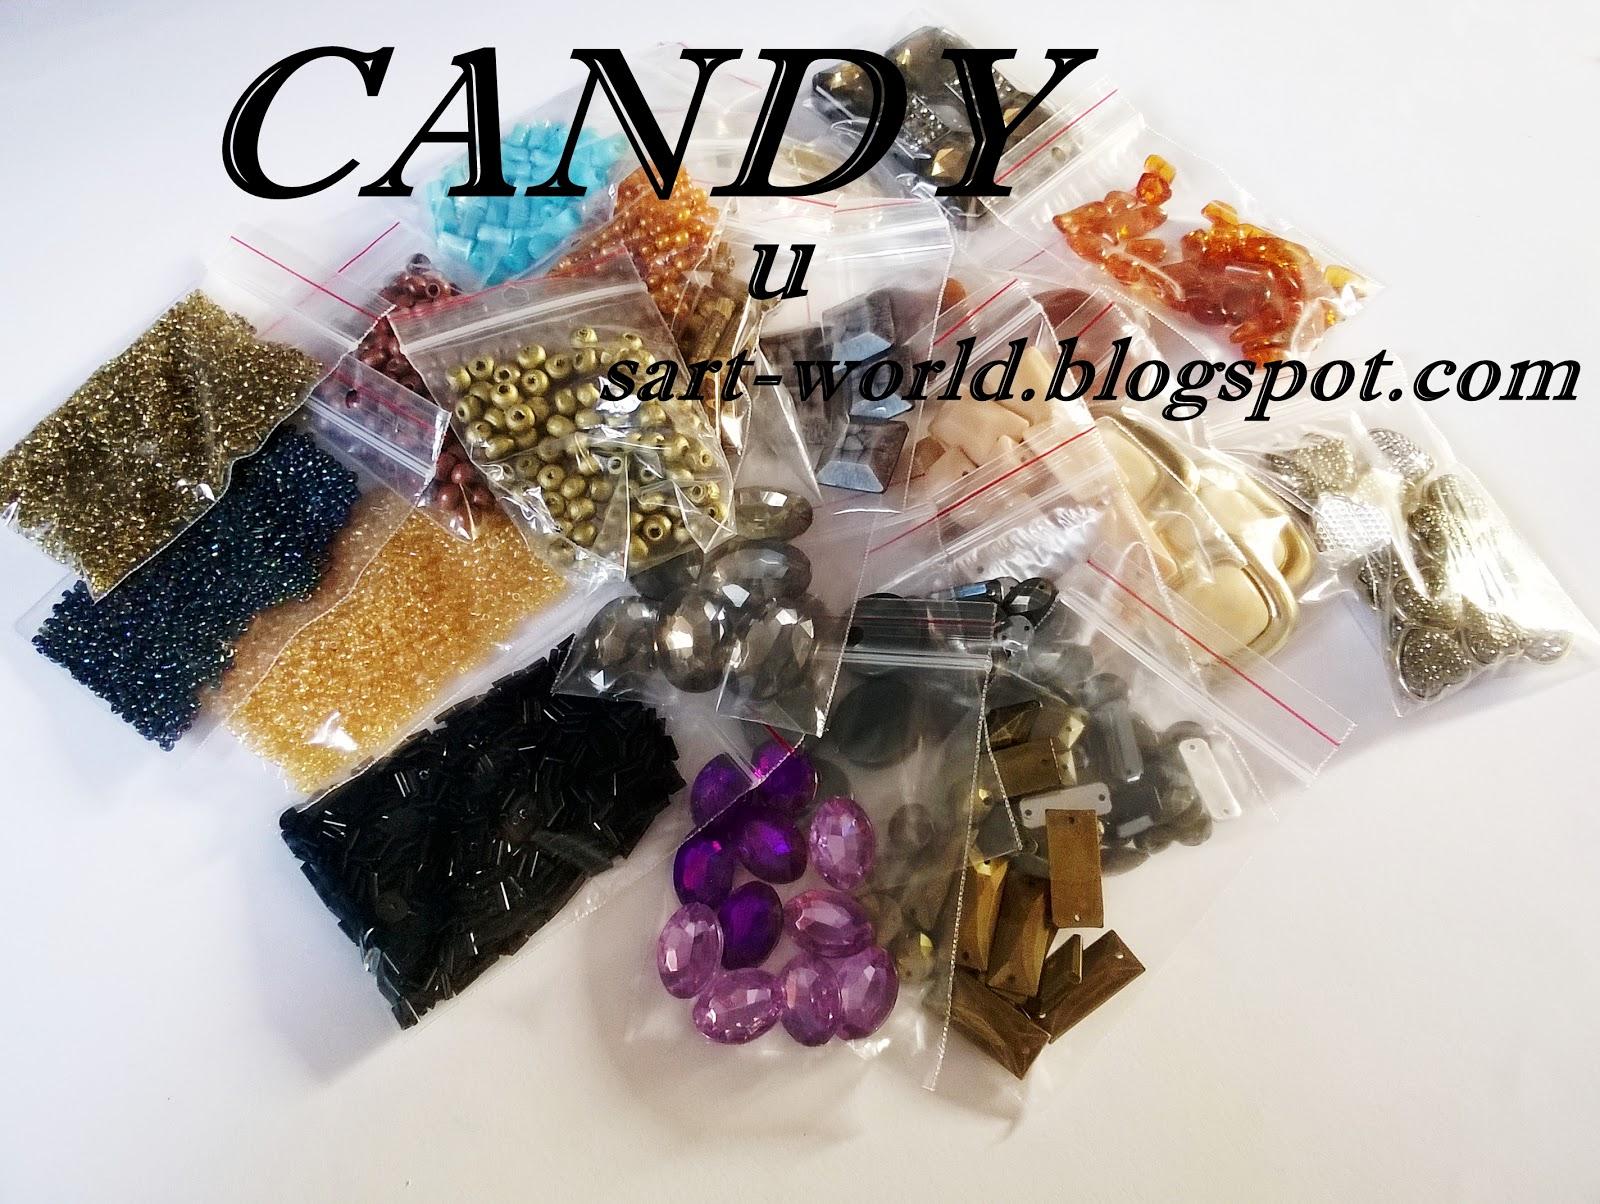 Candy u sart-world.blogspot.com